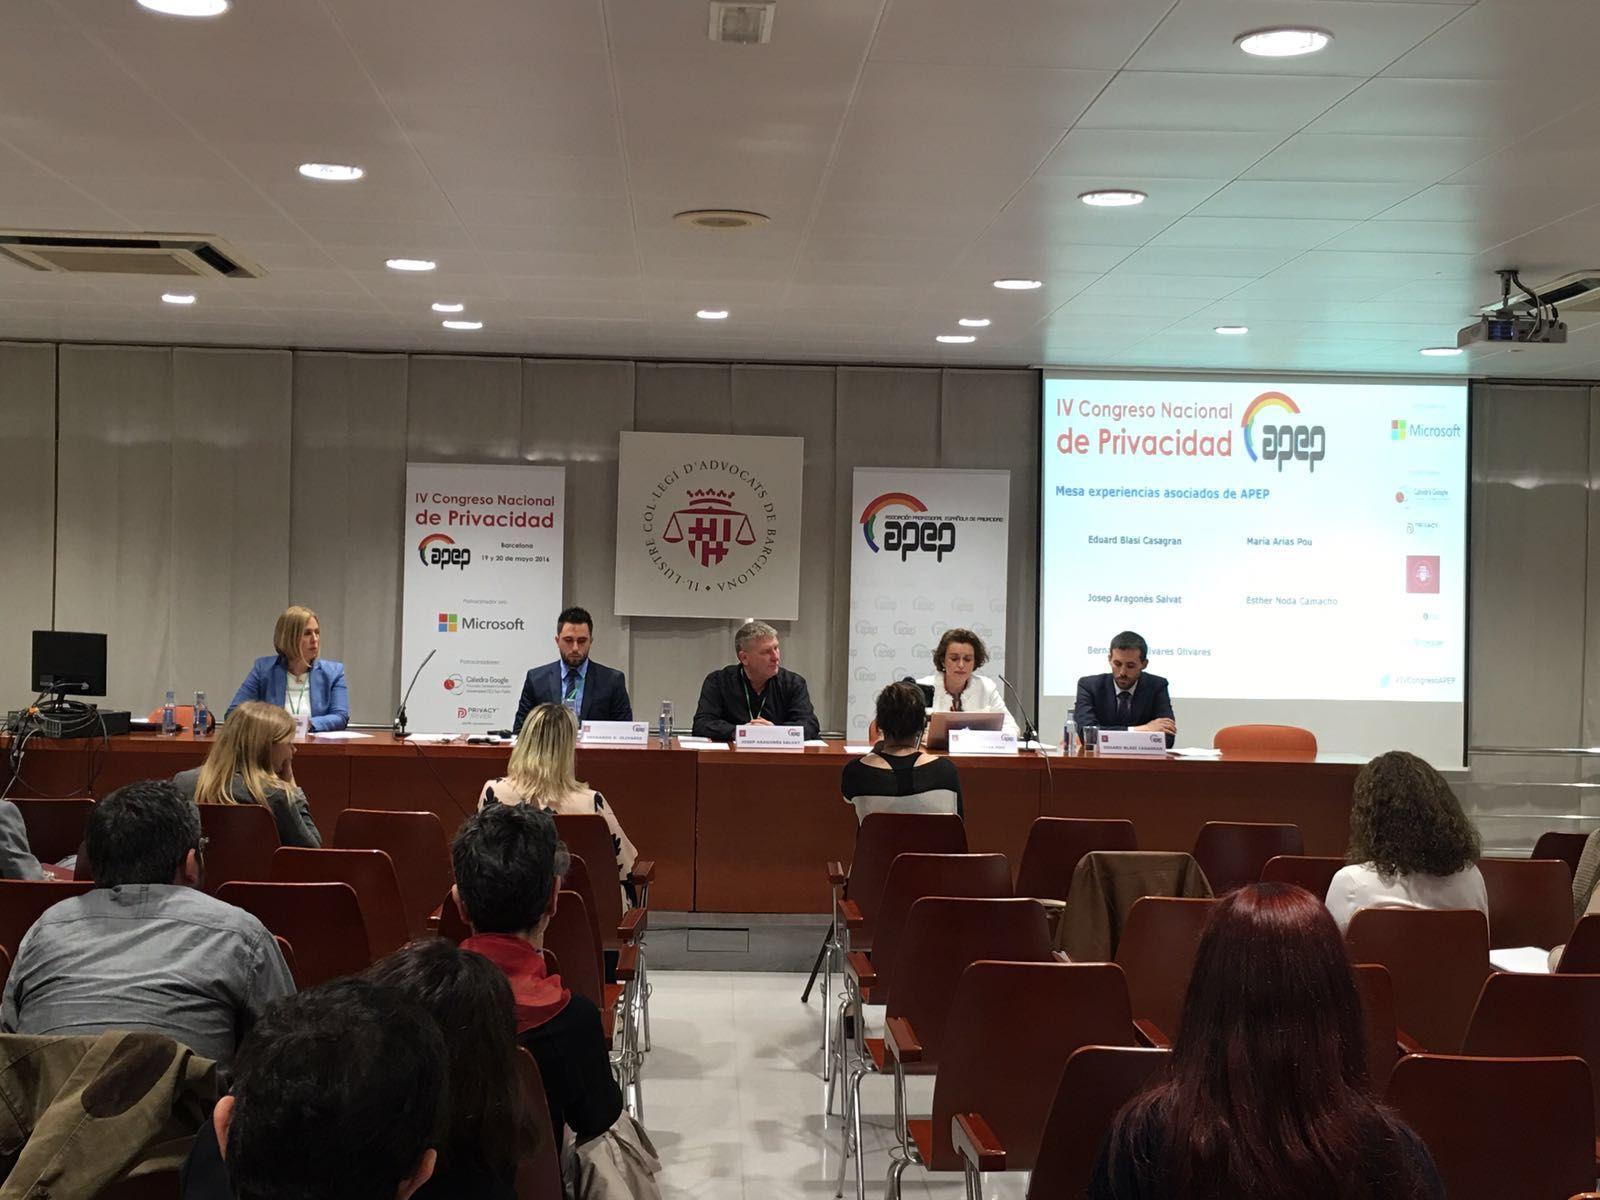 DATAX participa en el IV Congreso Nacional de Privacidad organizado por la APEP